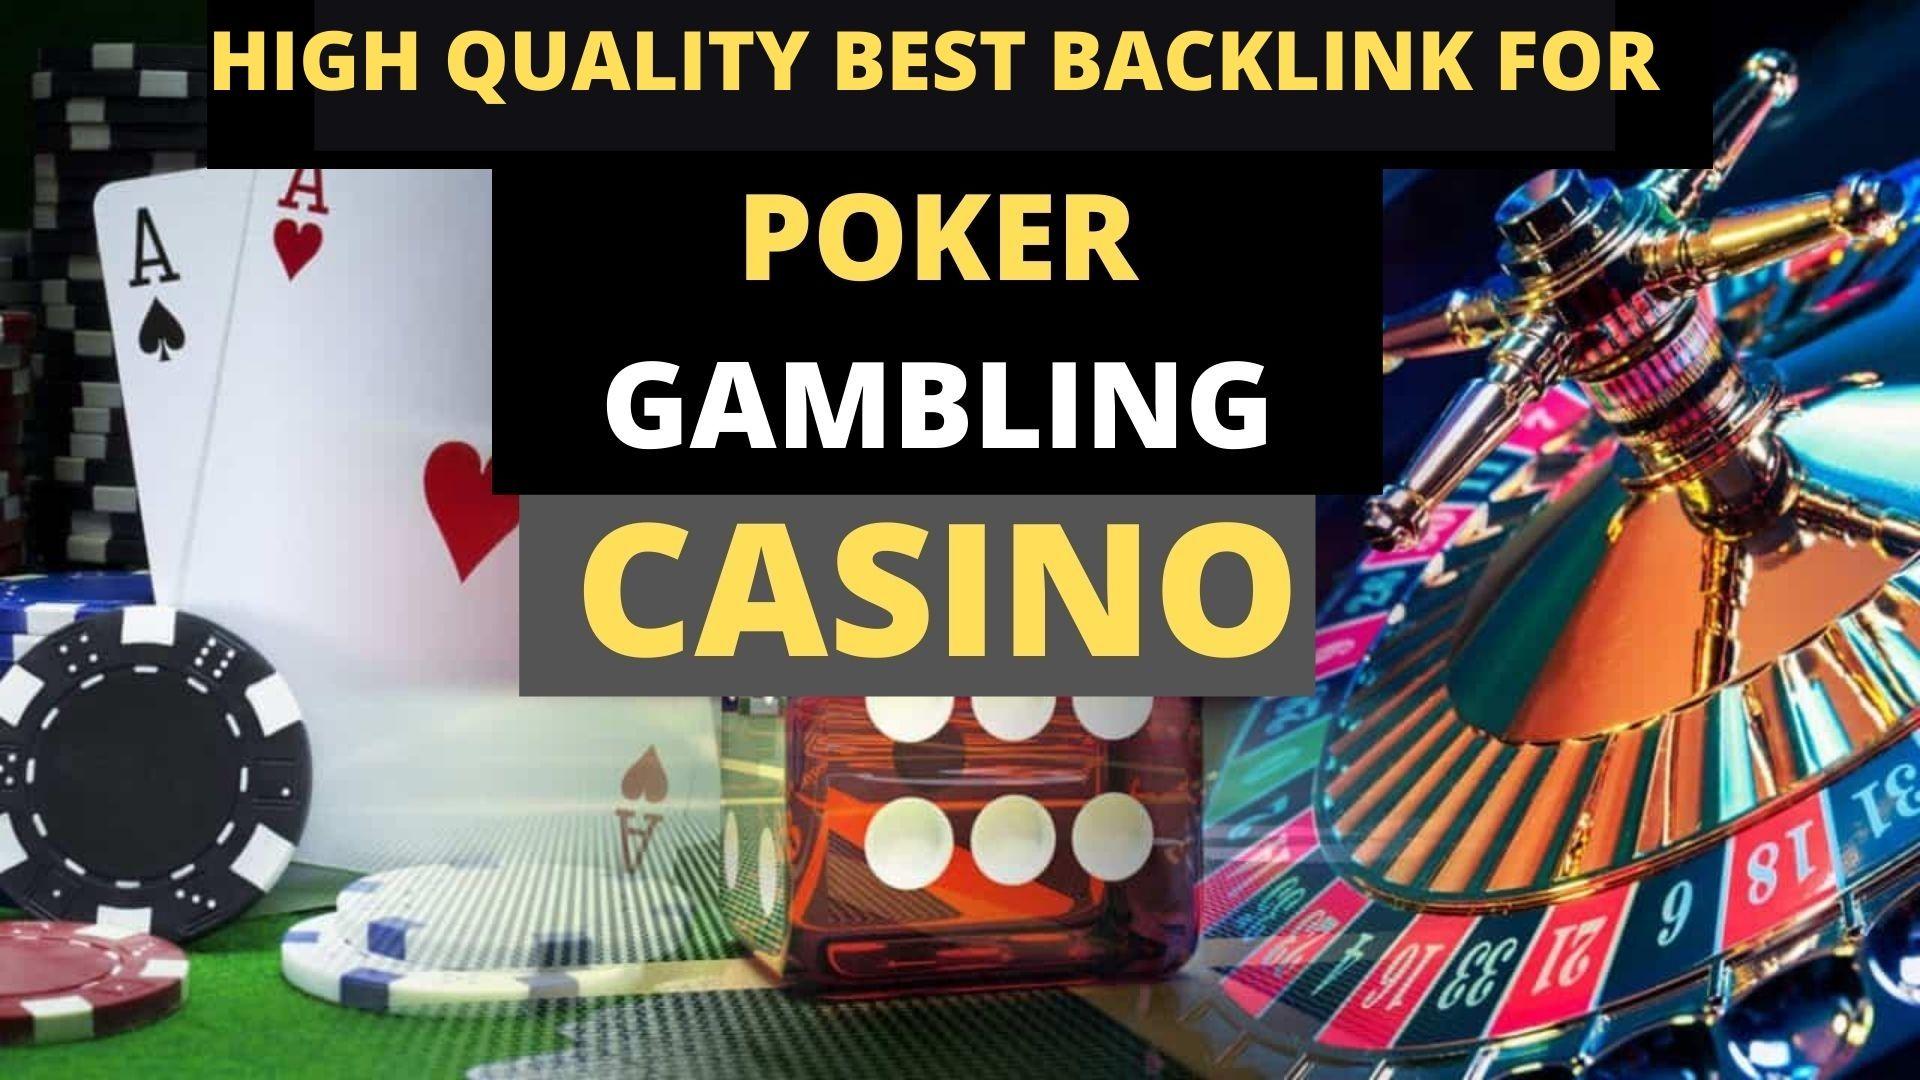 Powerfull 50 PBN Backlinks Permanent Poker Gambling Casino Websites